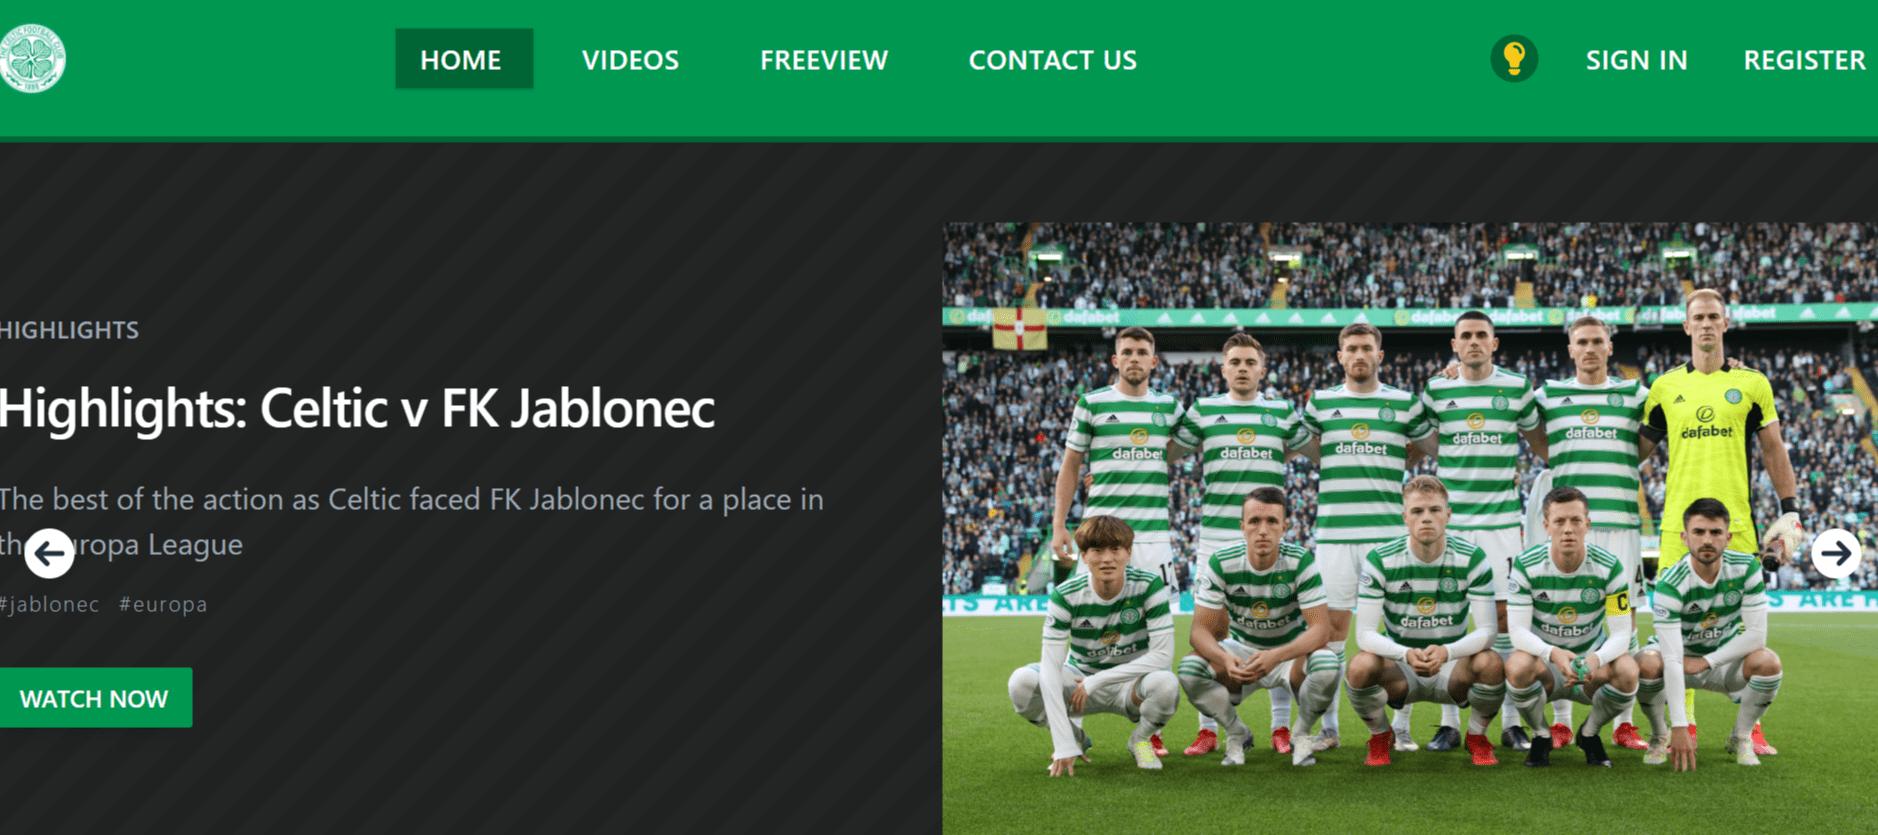 セルティックtv_CelticTV_TOP